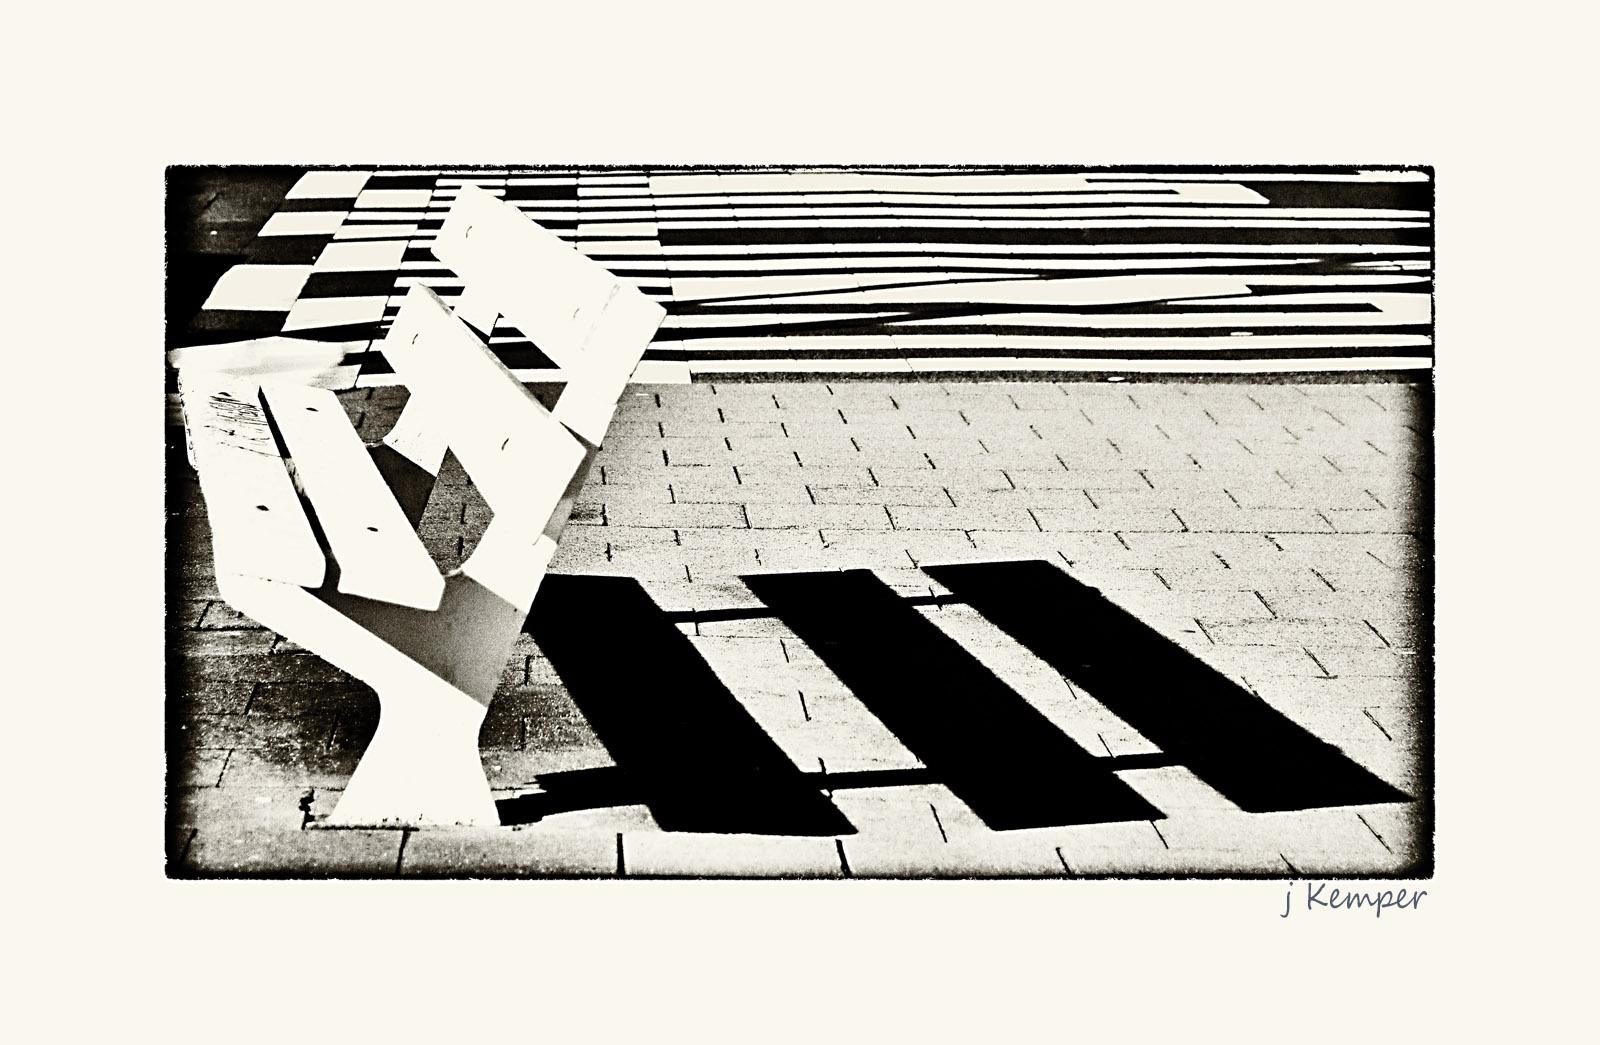 - Schatten-Wurf -